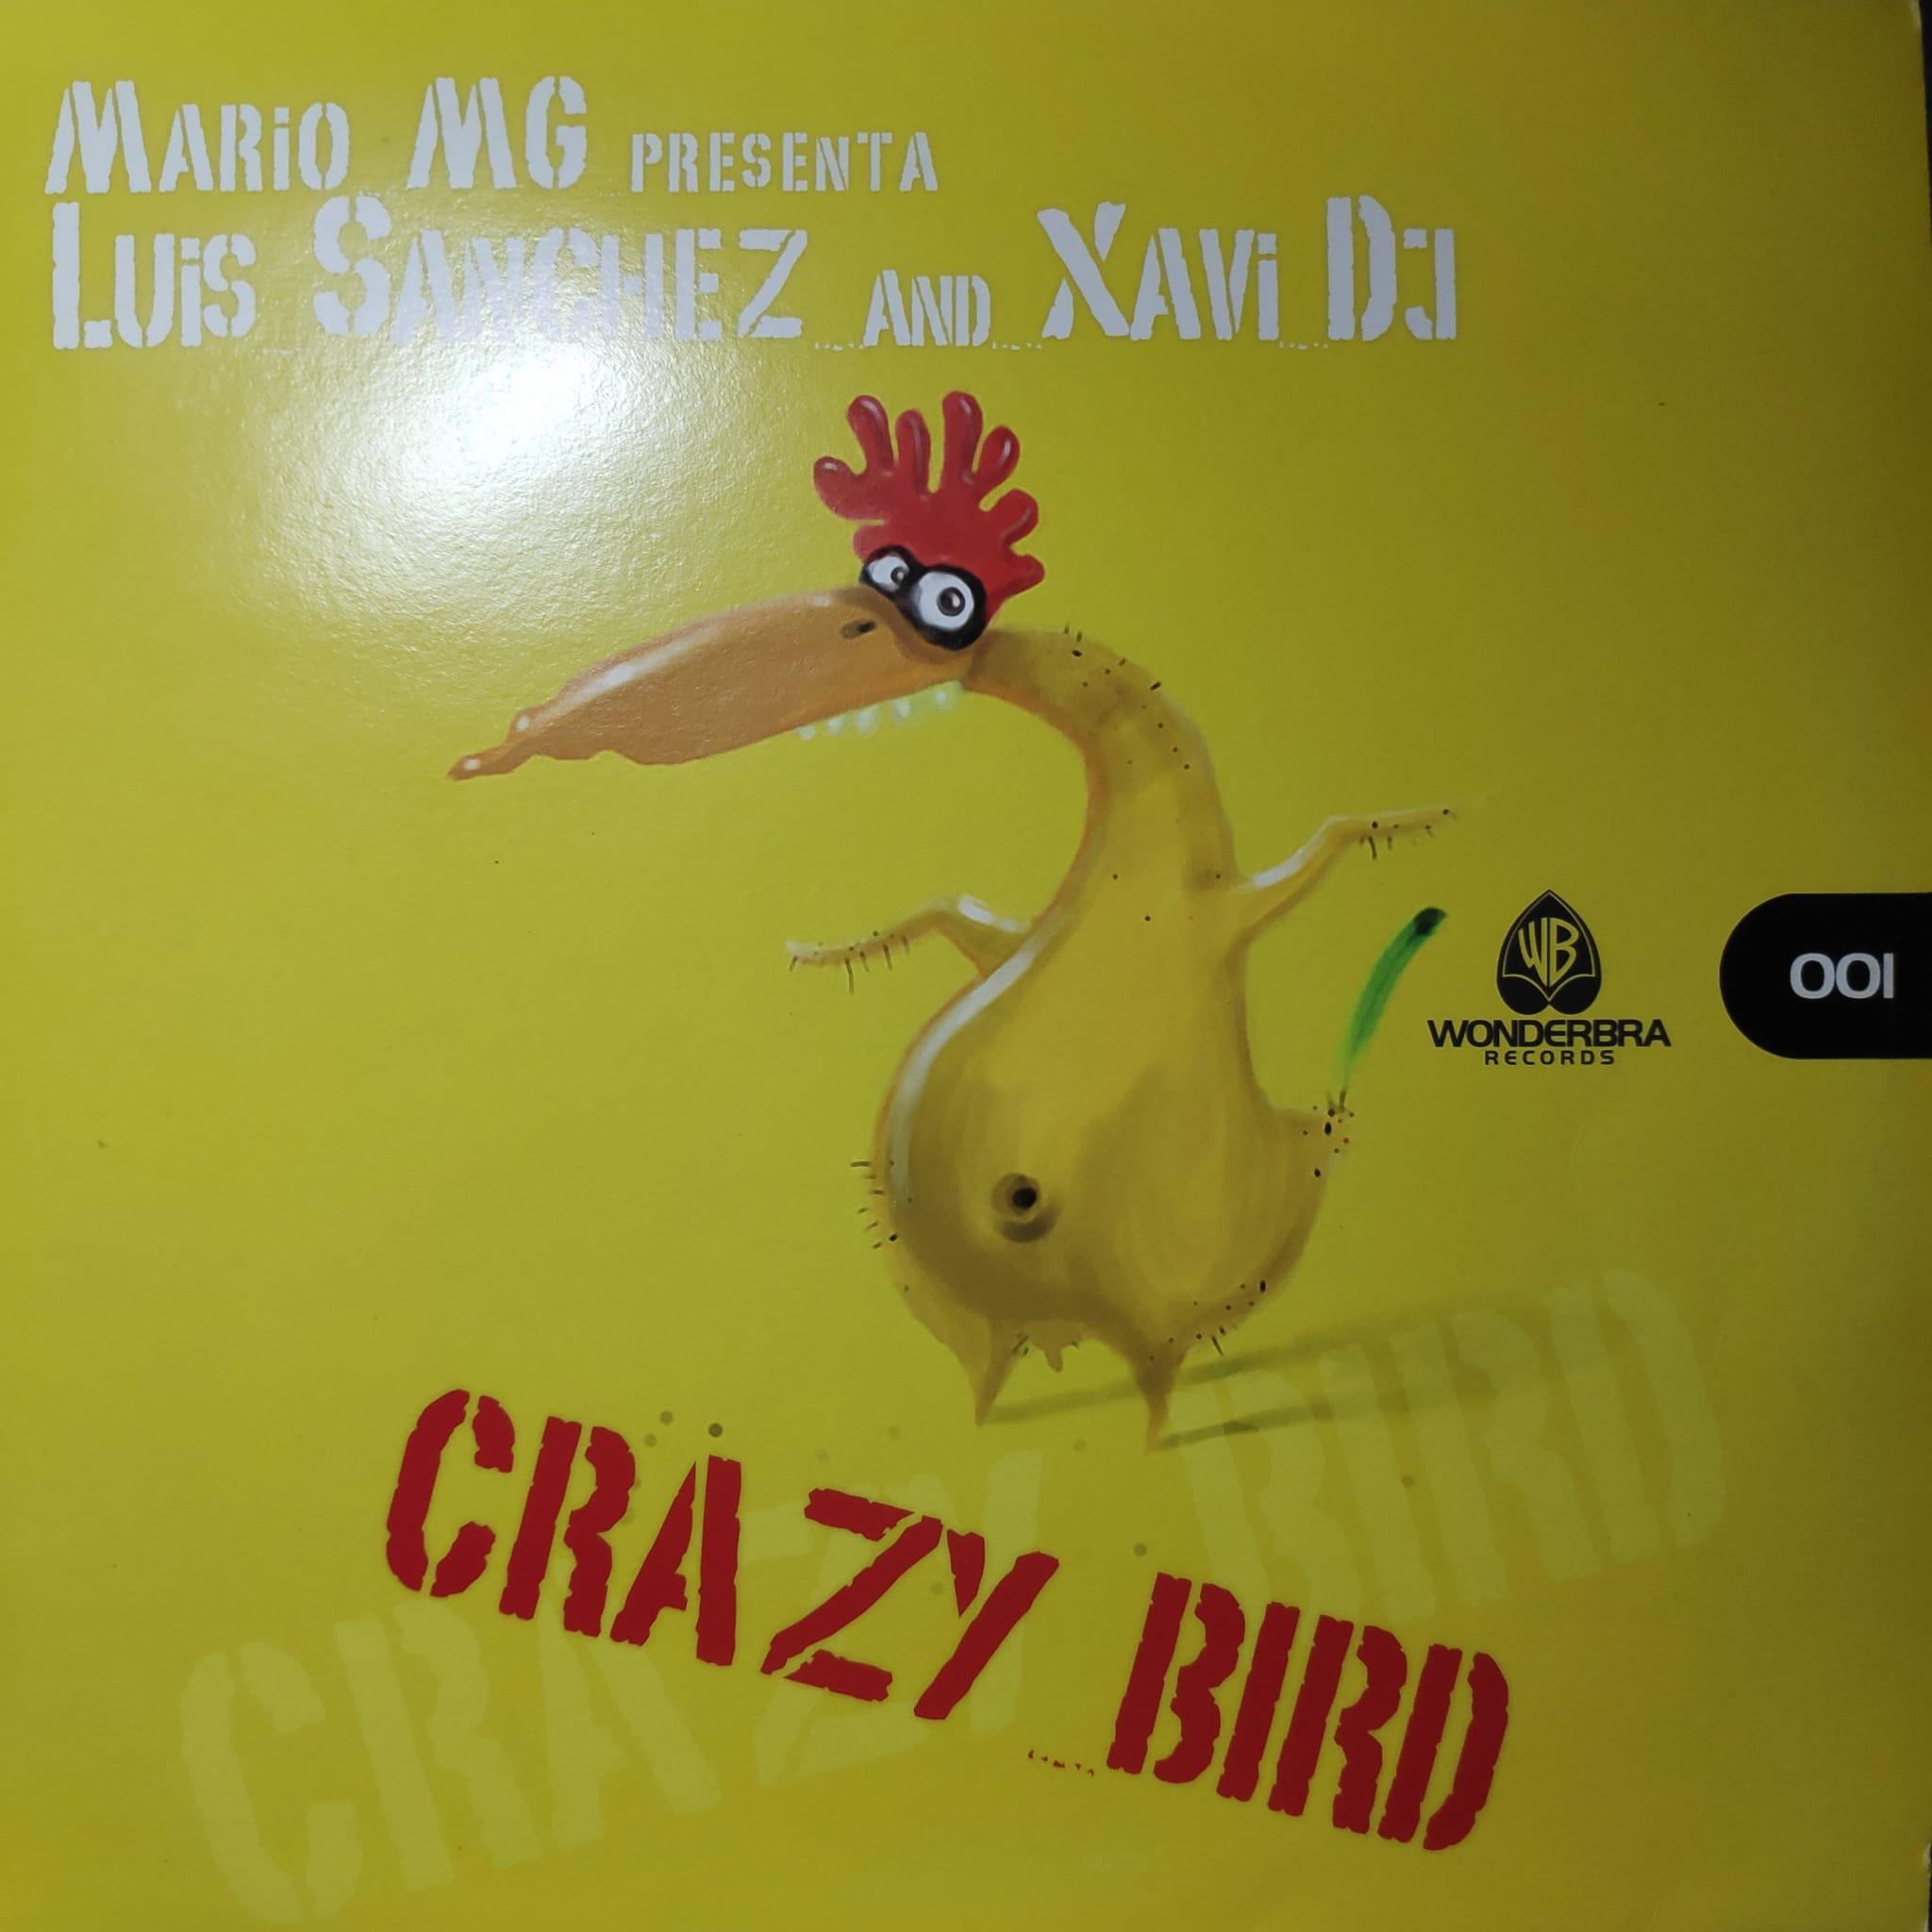 (13924) Mario MG Presenta Luis Sanchez (3) And Xavi Dj – Crazy ...Bird